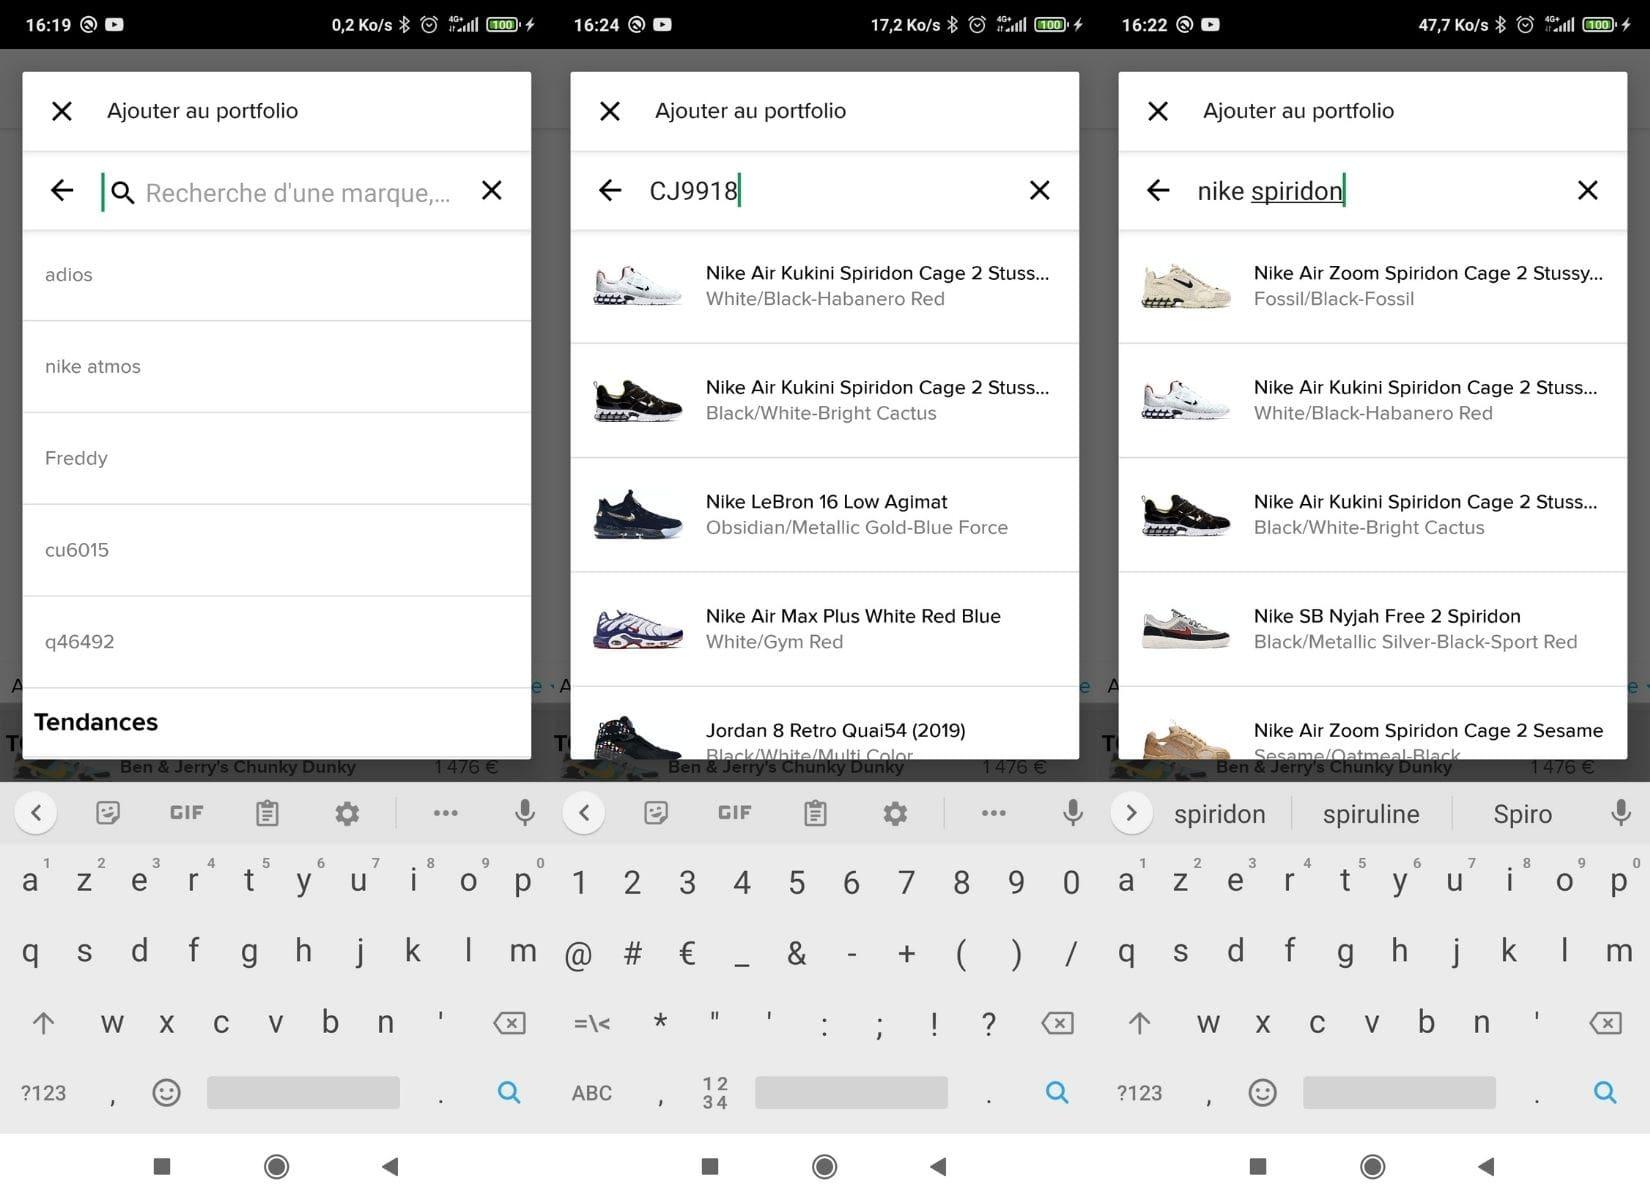 Différentes façons de trouver la paire de chaussures sur le moteur de recherche de Stockx